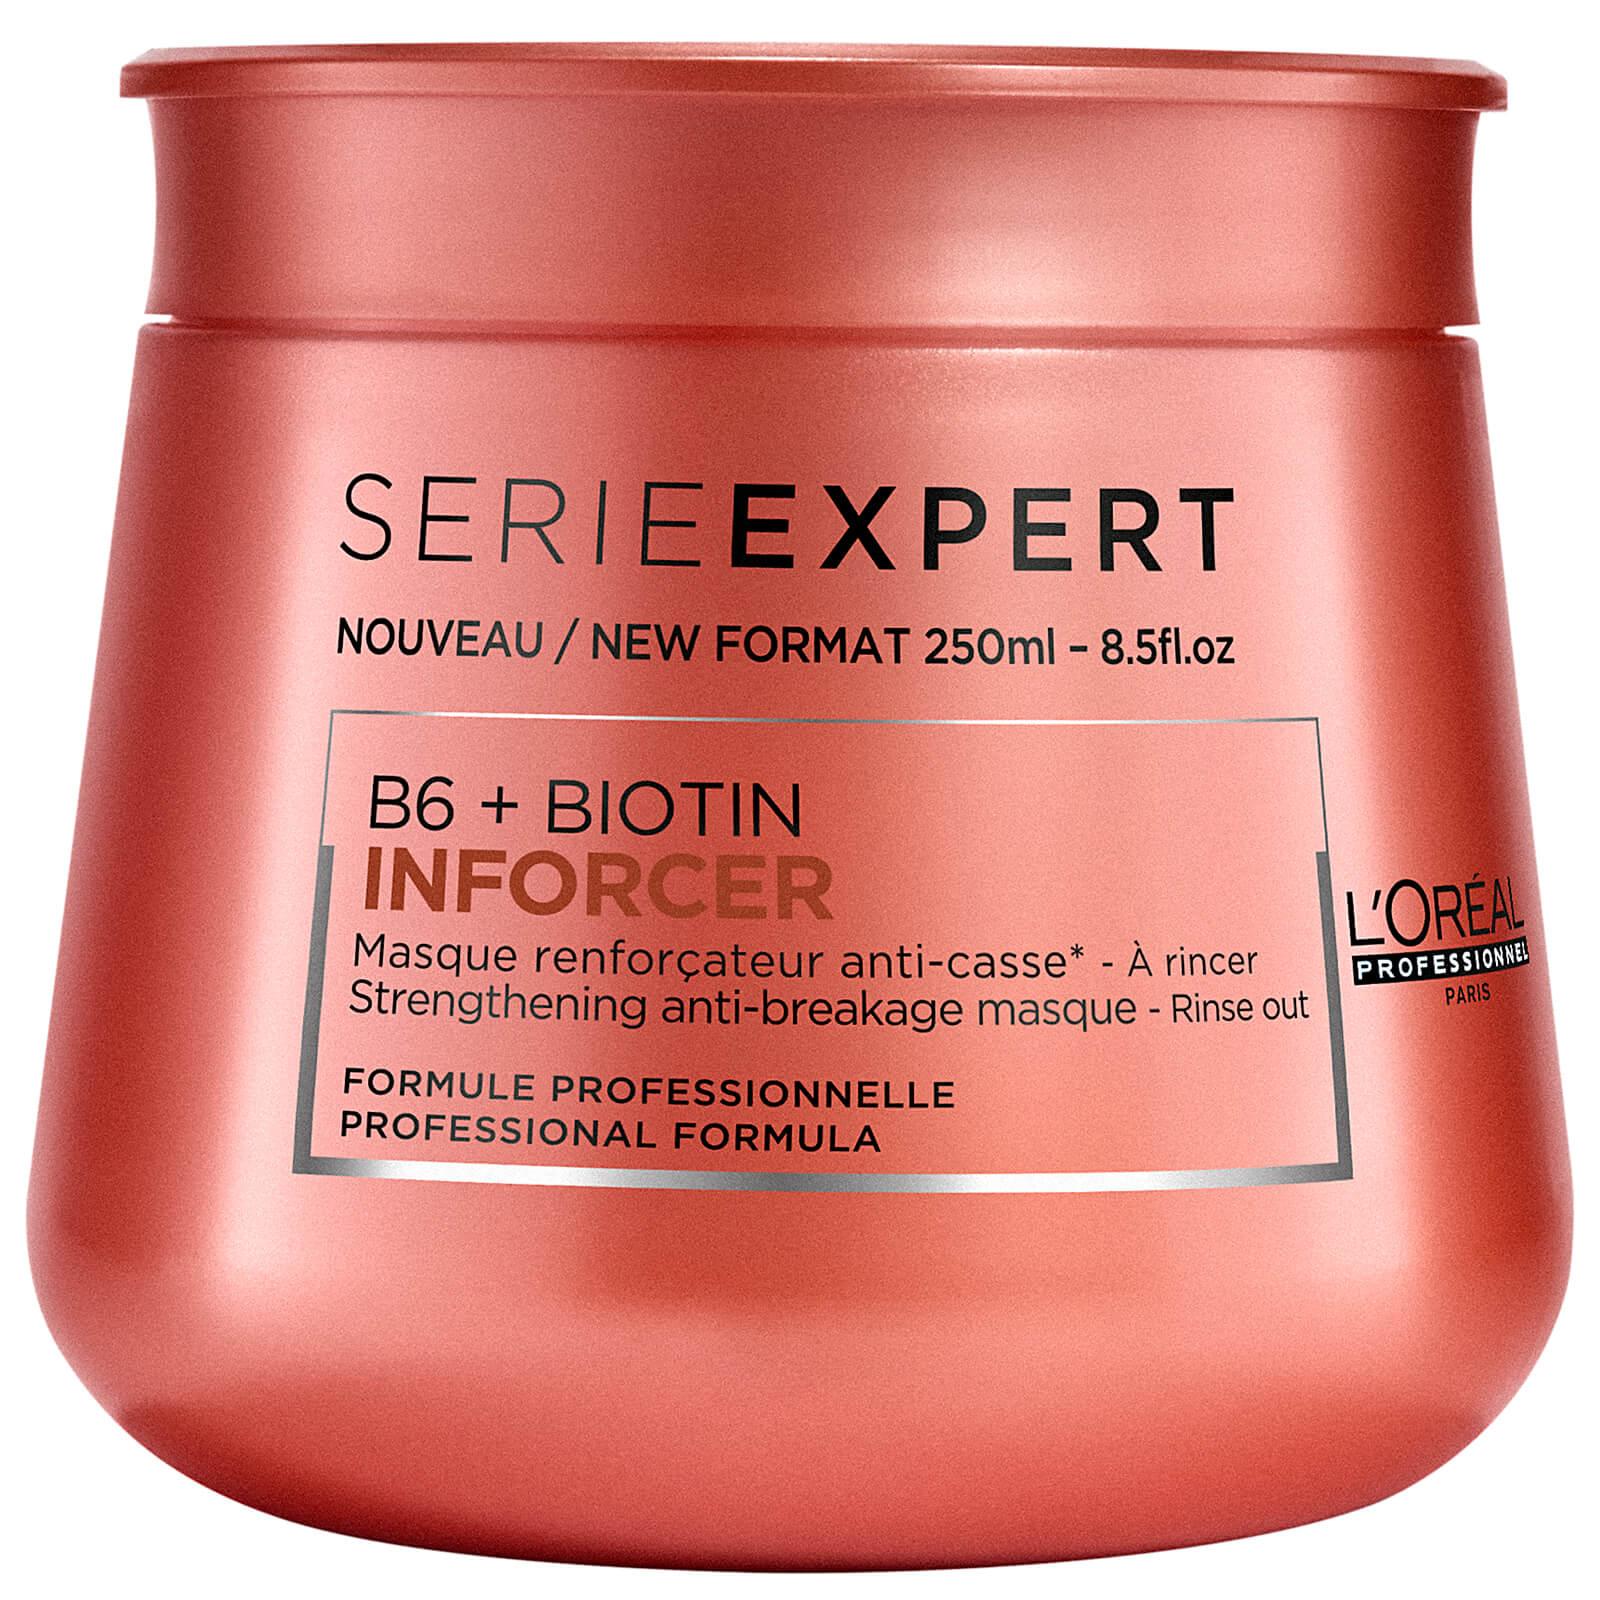 L'Oréal Professionnel Serie Expert Inforcer Masque - 250ml